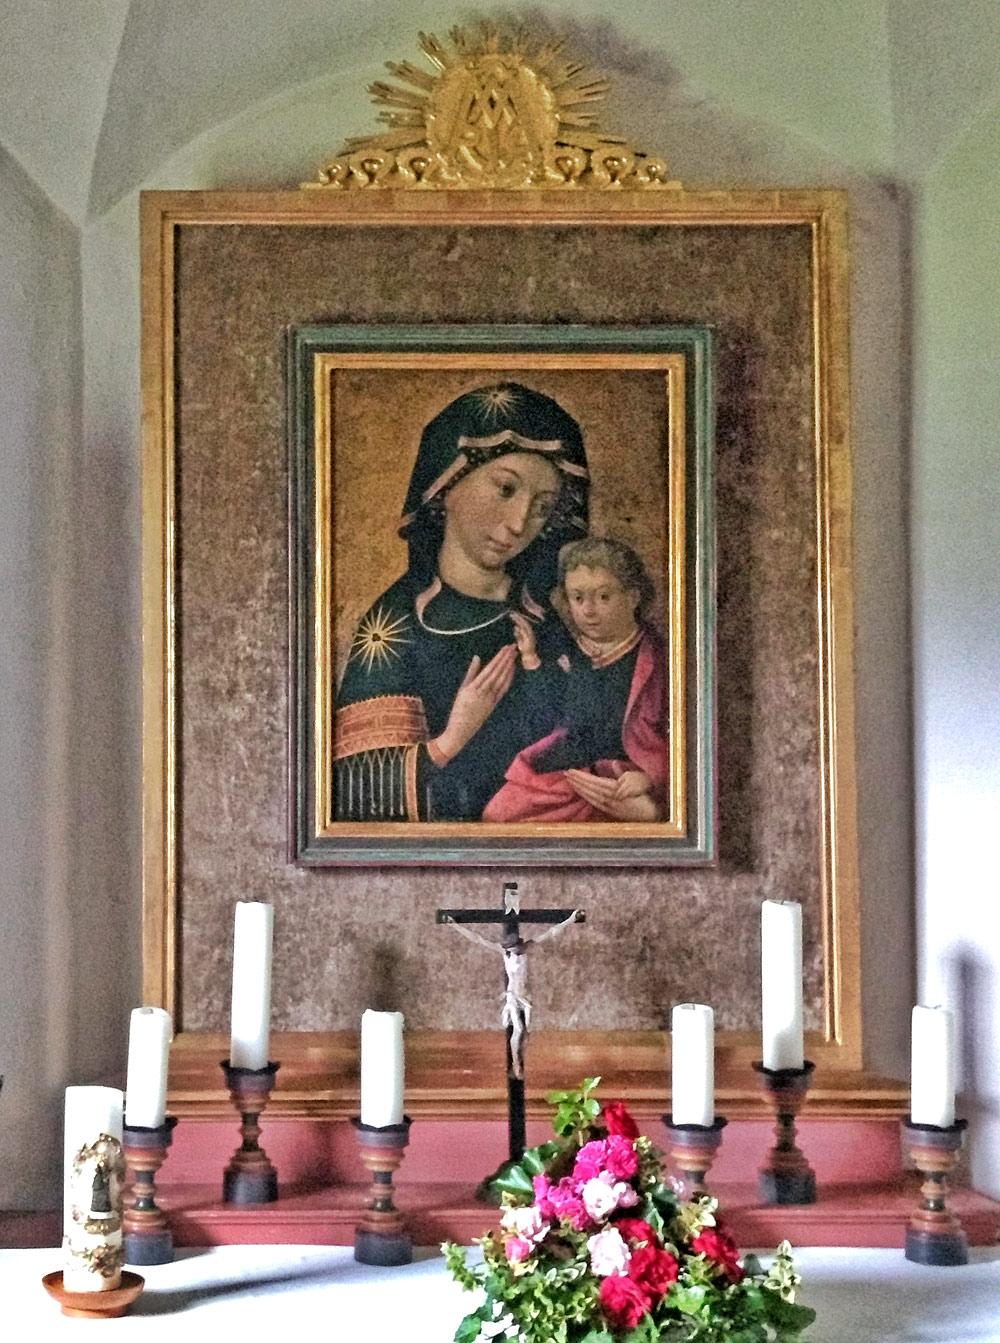 Holbeins Gemälde Madonna mit Kind in der Pfarrkirche Bad Hindelang